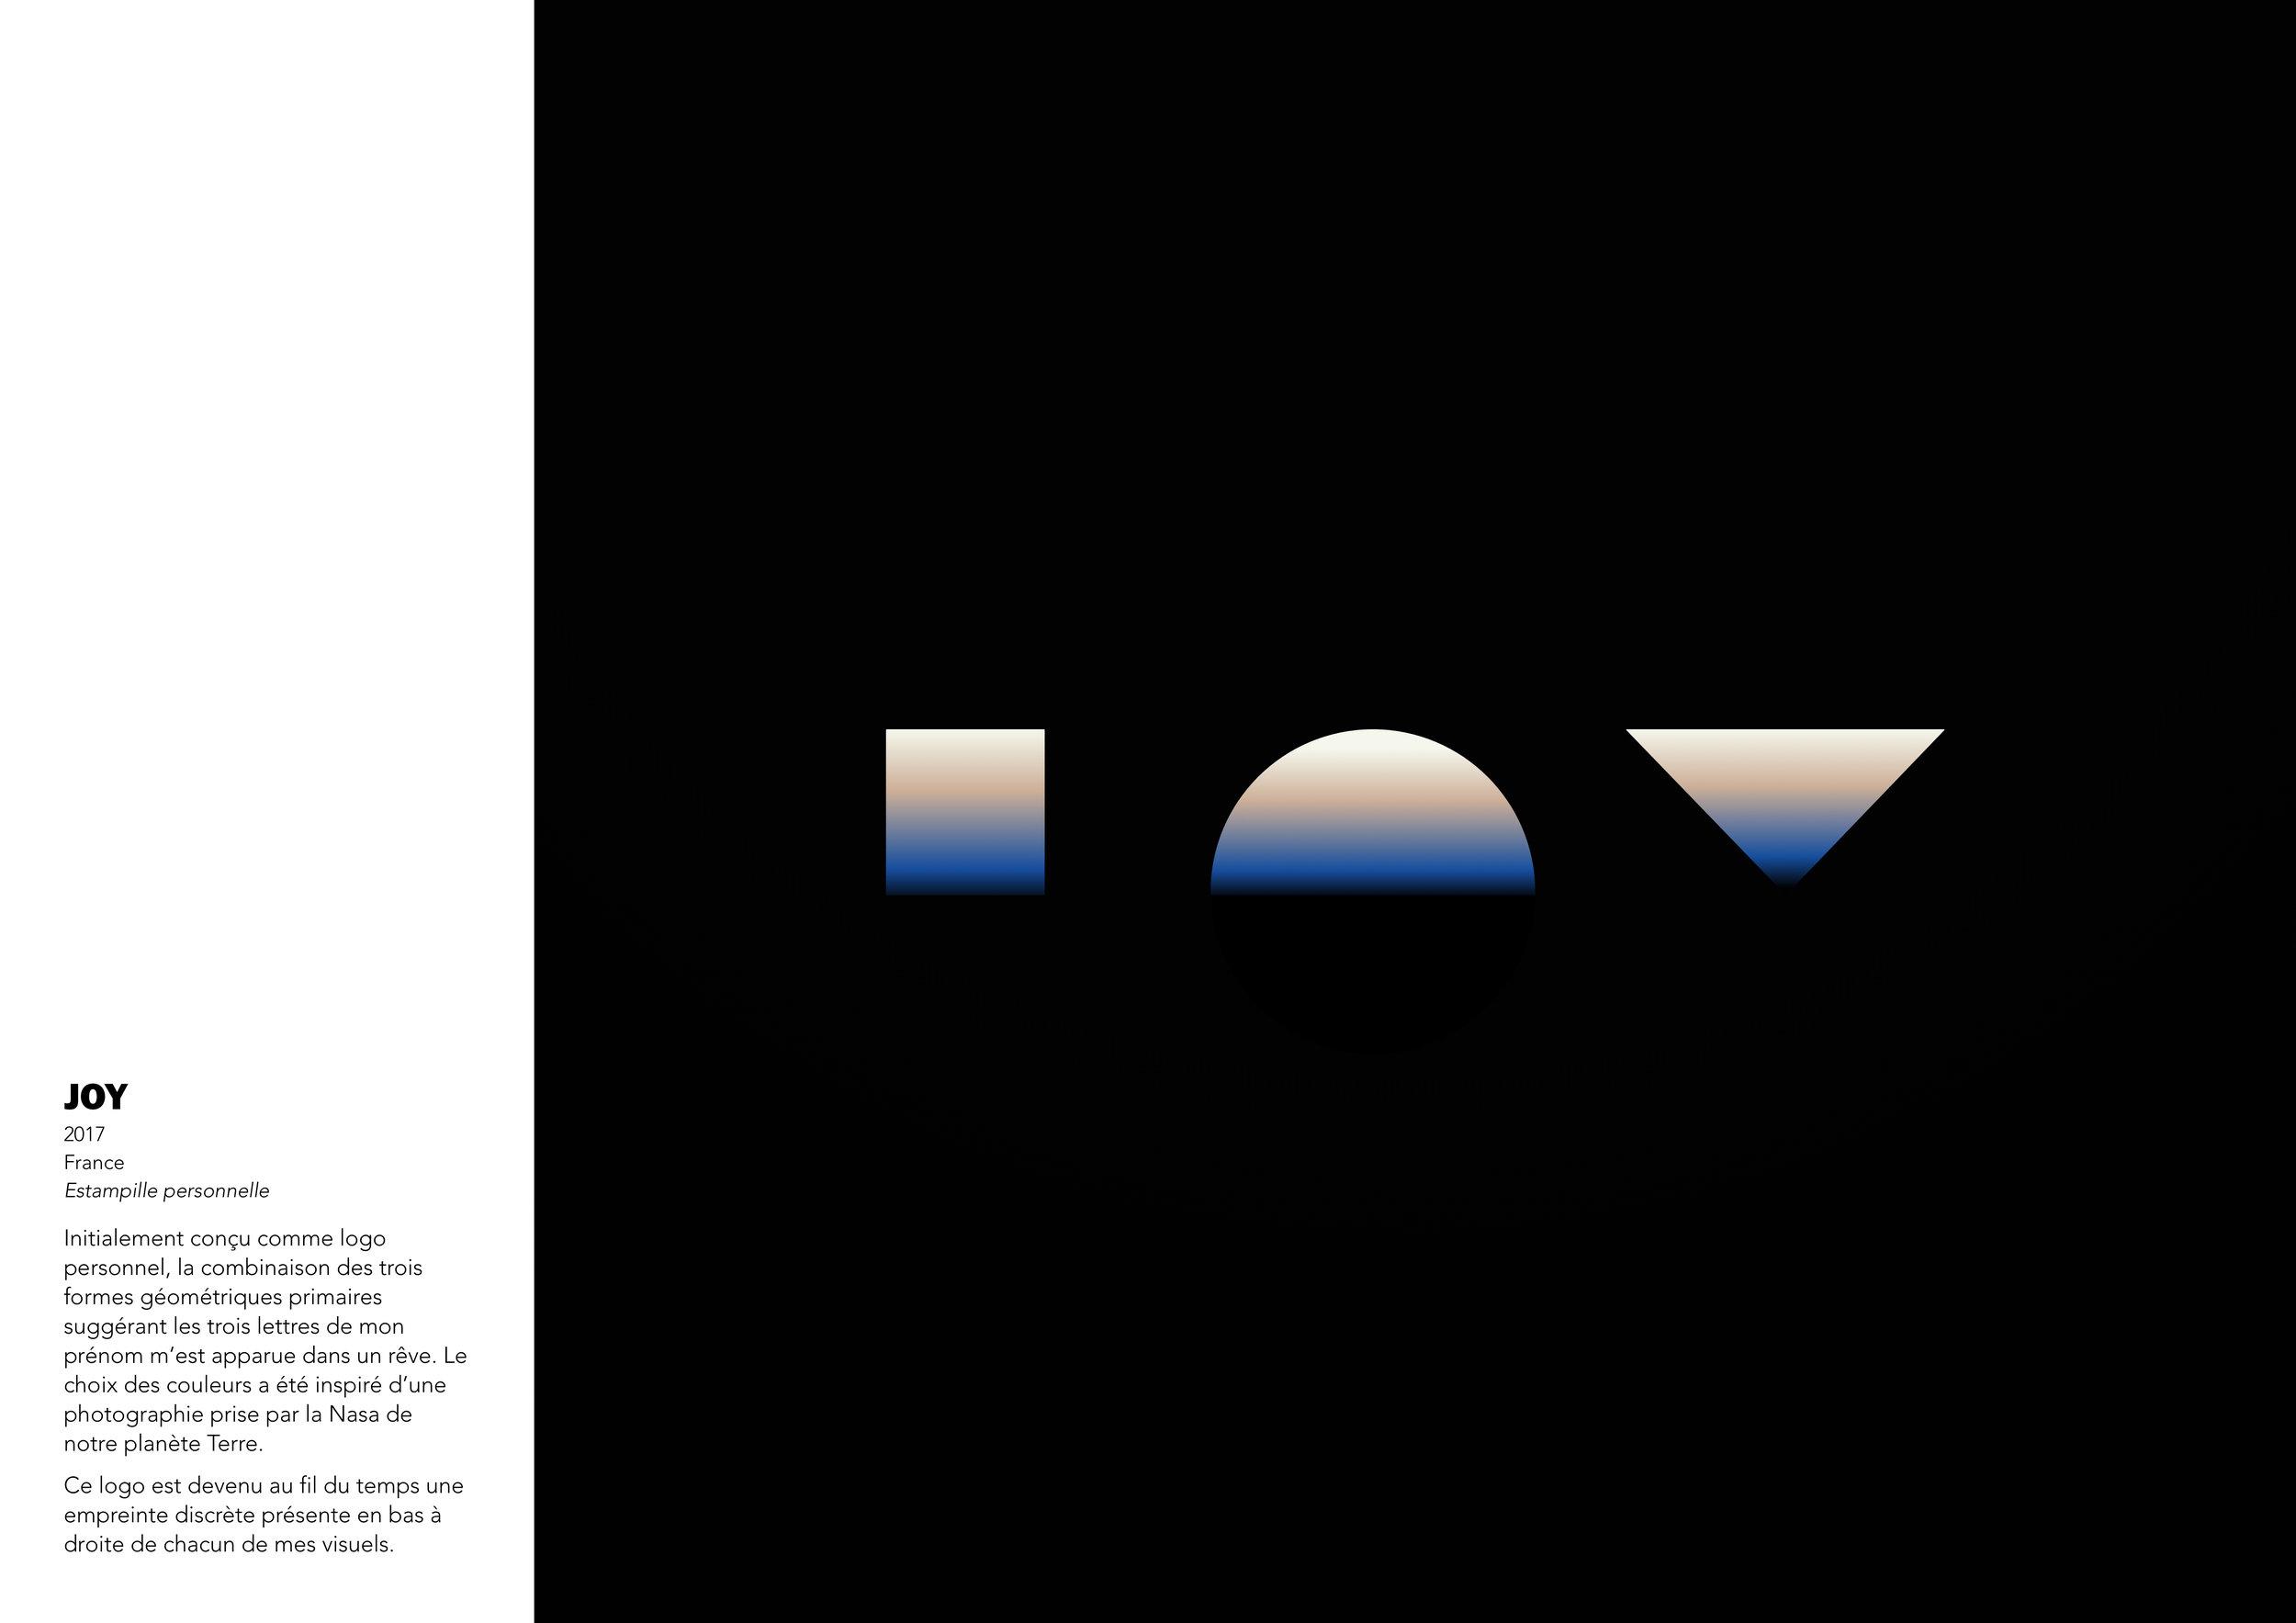 joy-stamp-geometric-logo-design-joy-lasry.jpg